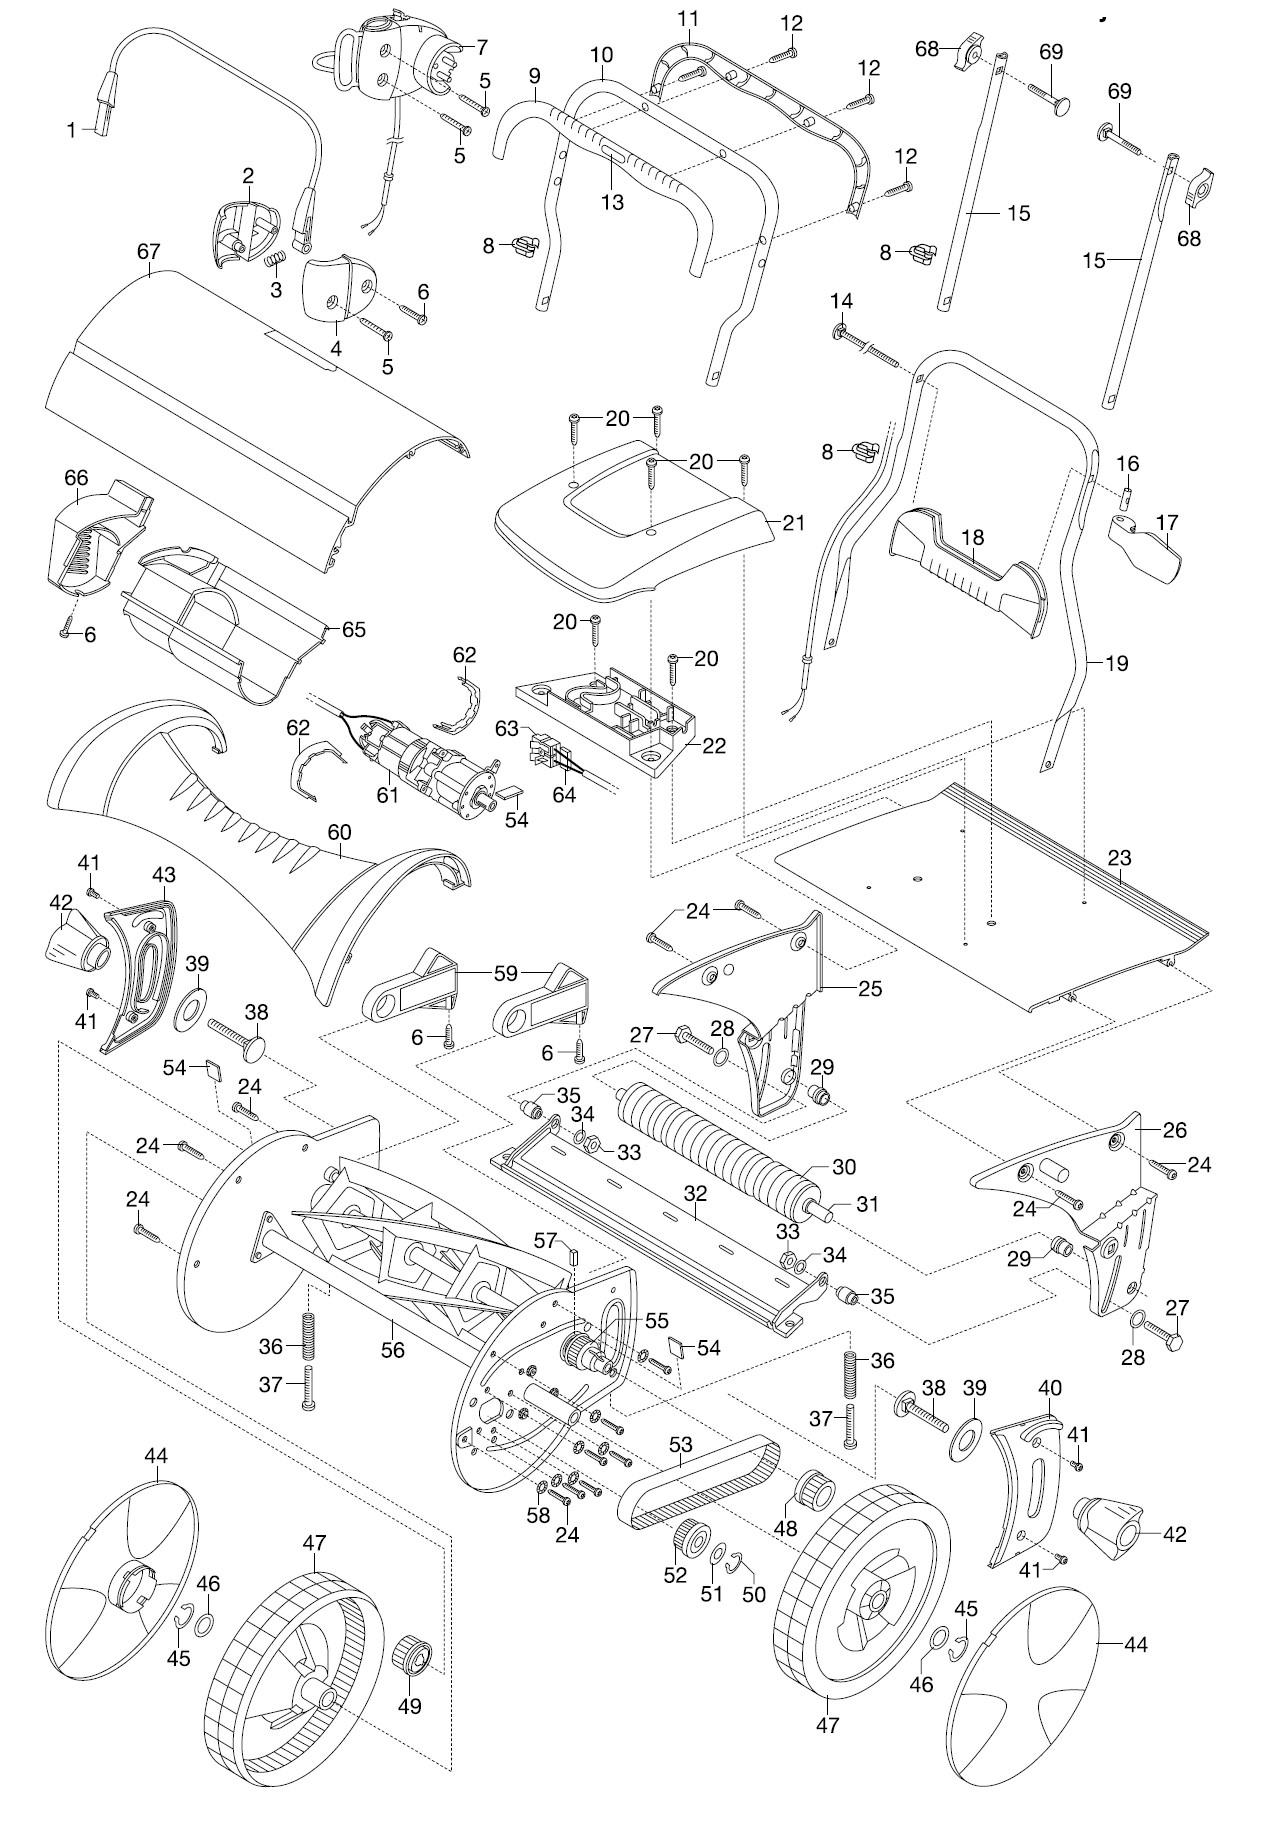 gardena ersatzteile spindelm her 380 ec 4028 ersatzteil fee. Black Bedroom Furniture Sets. Home Design Ideas